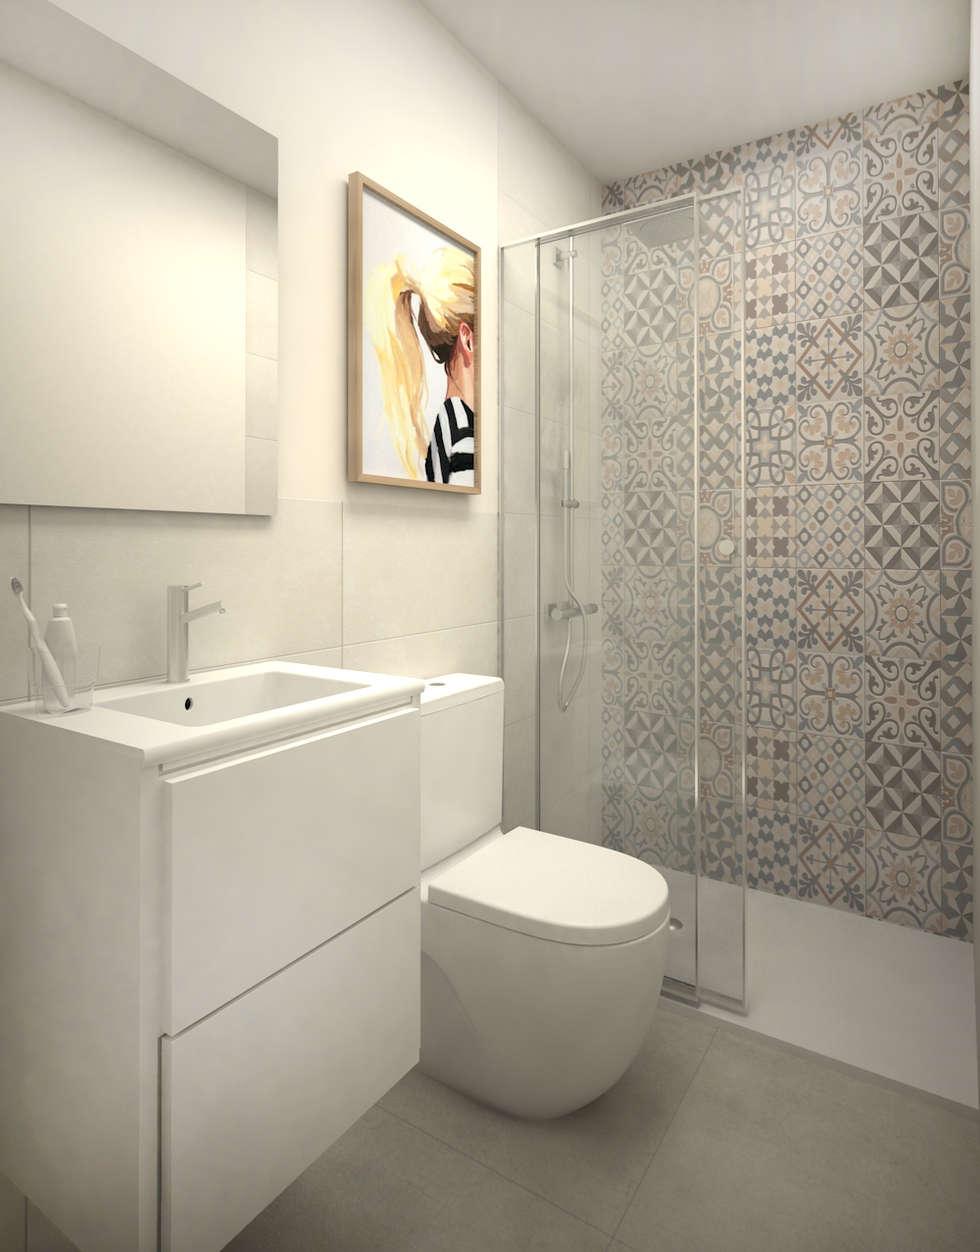 Fotos de decoraci n y dise o de interiores homify for Azulejos para cuartos de bano modernos